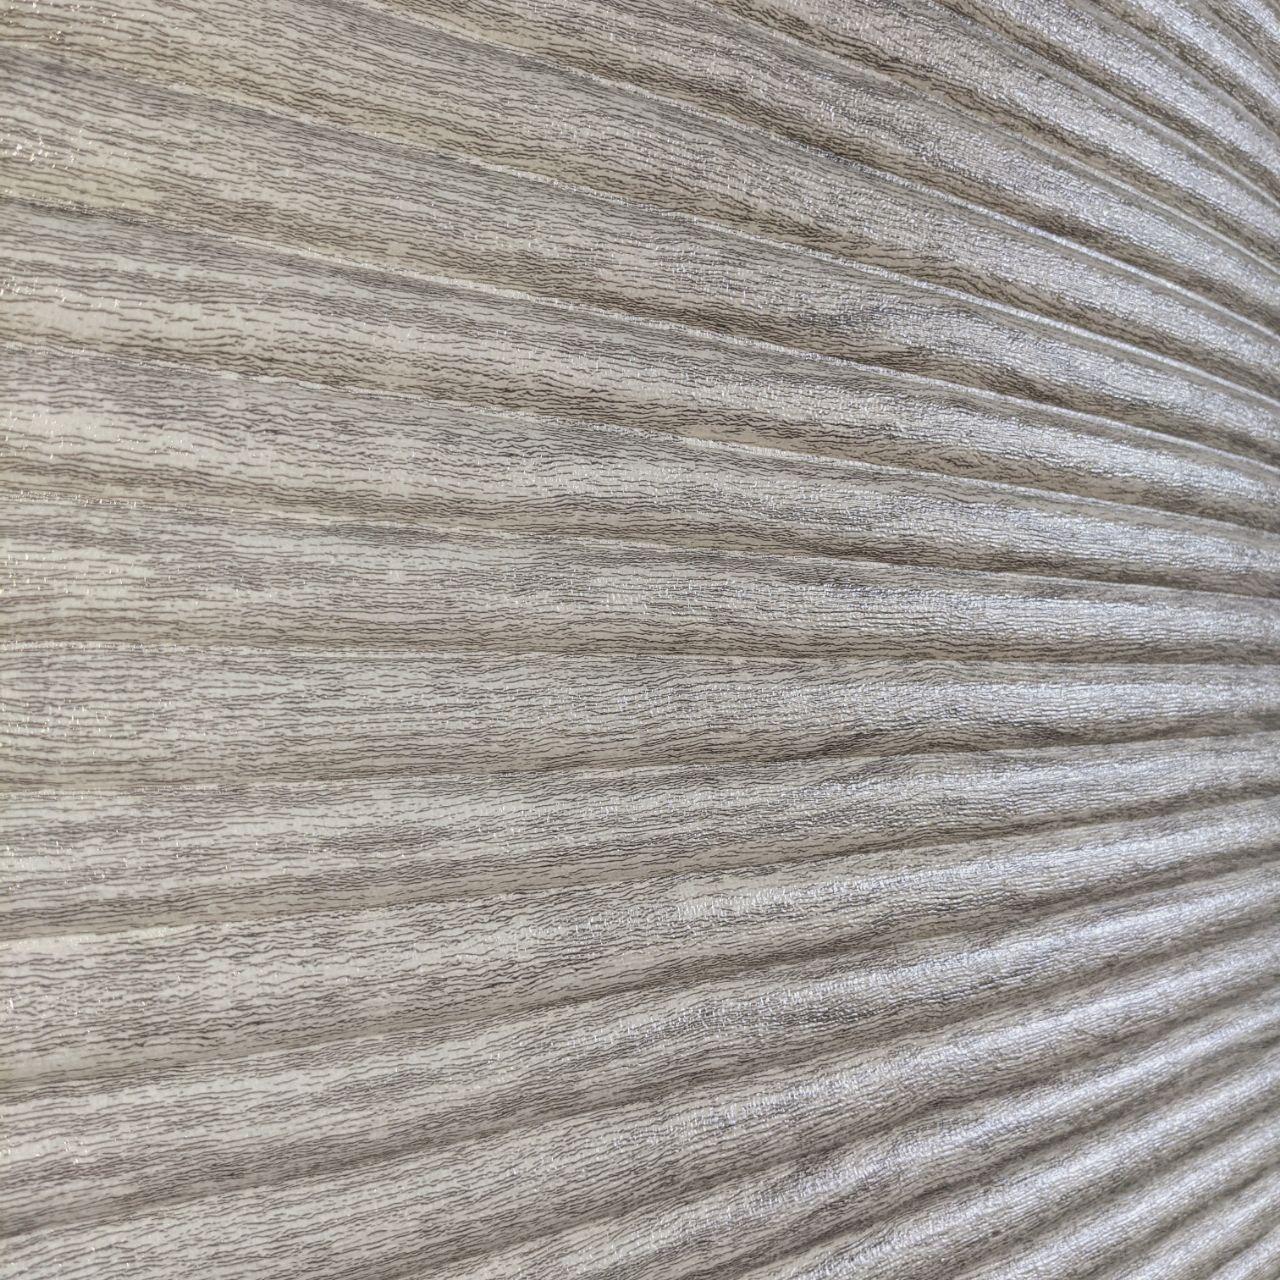 3д панель декоративная Белый Бамбук (самоклеющиеся пластиковые 3d панели под дерево для стен) 700x700x8 мм